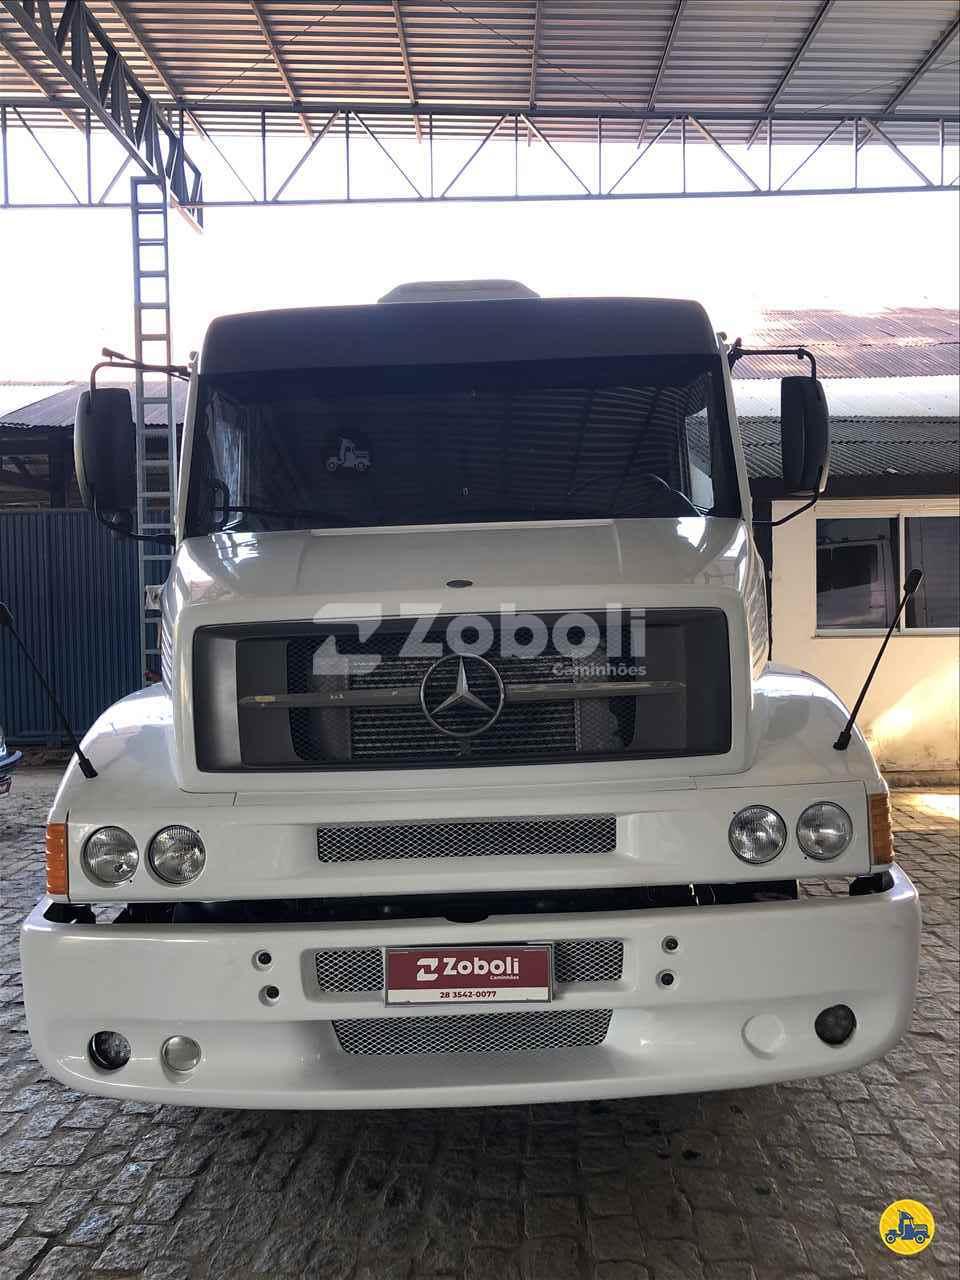 CAMINHAO MERCEDES-BENZ MB 1634 Cavalo Mecânico Toco 4x2 Zoboli Caminhões CASTELO ESPÍRITO SANTO ES